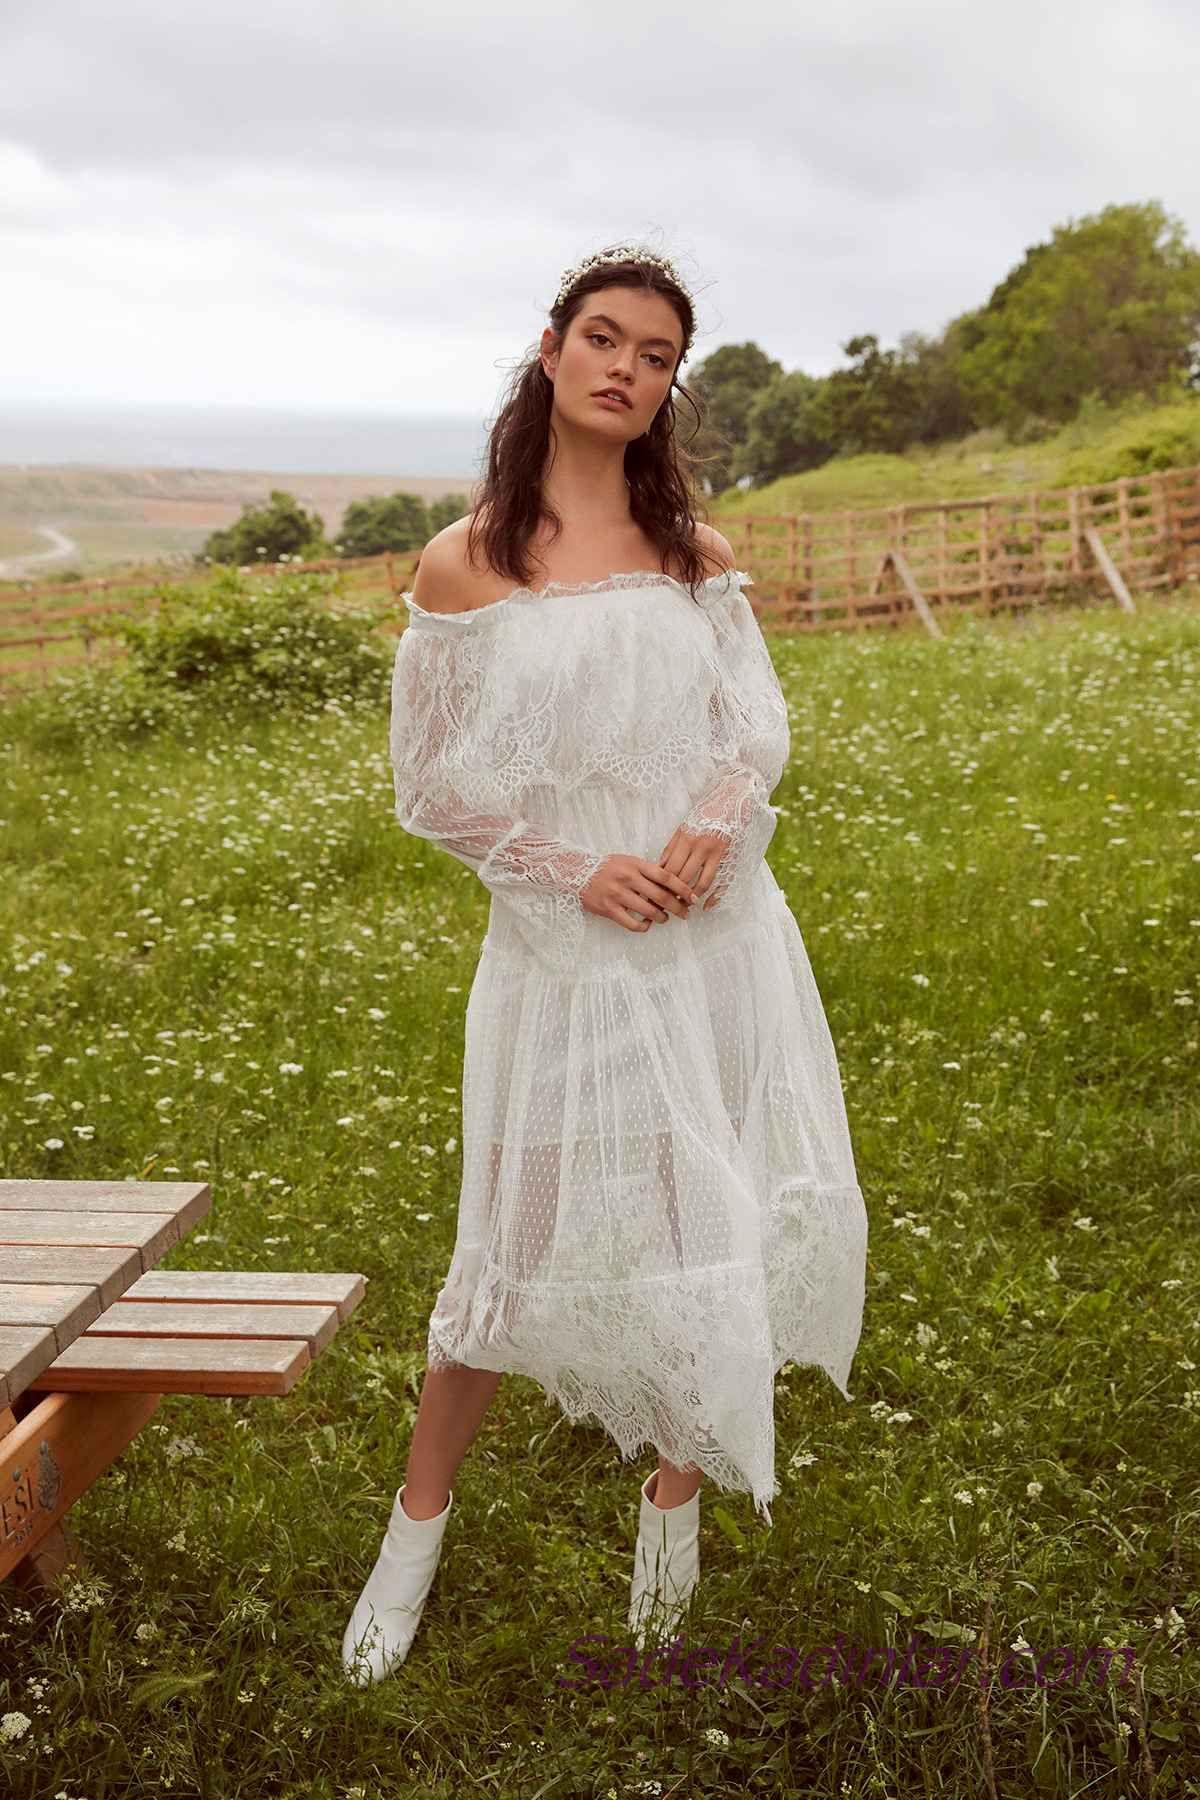 815dd35417c90 En Güzel 2019 Beyaz Elbise Modelleri Uzun Omzu Açık Düşük Uzun Kollu ...